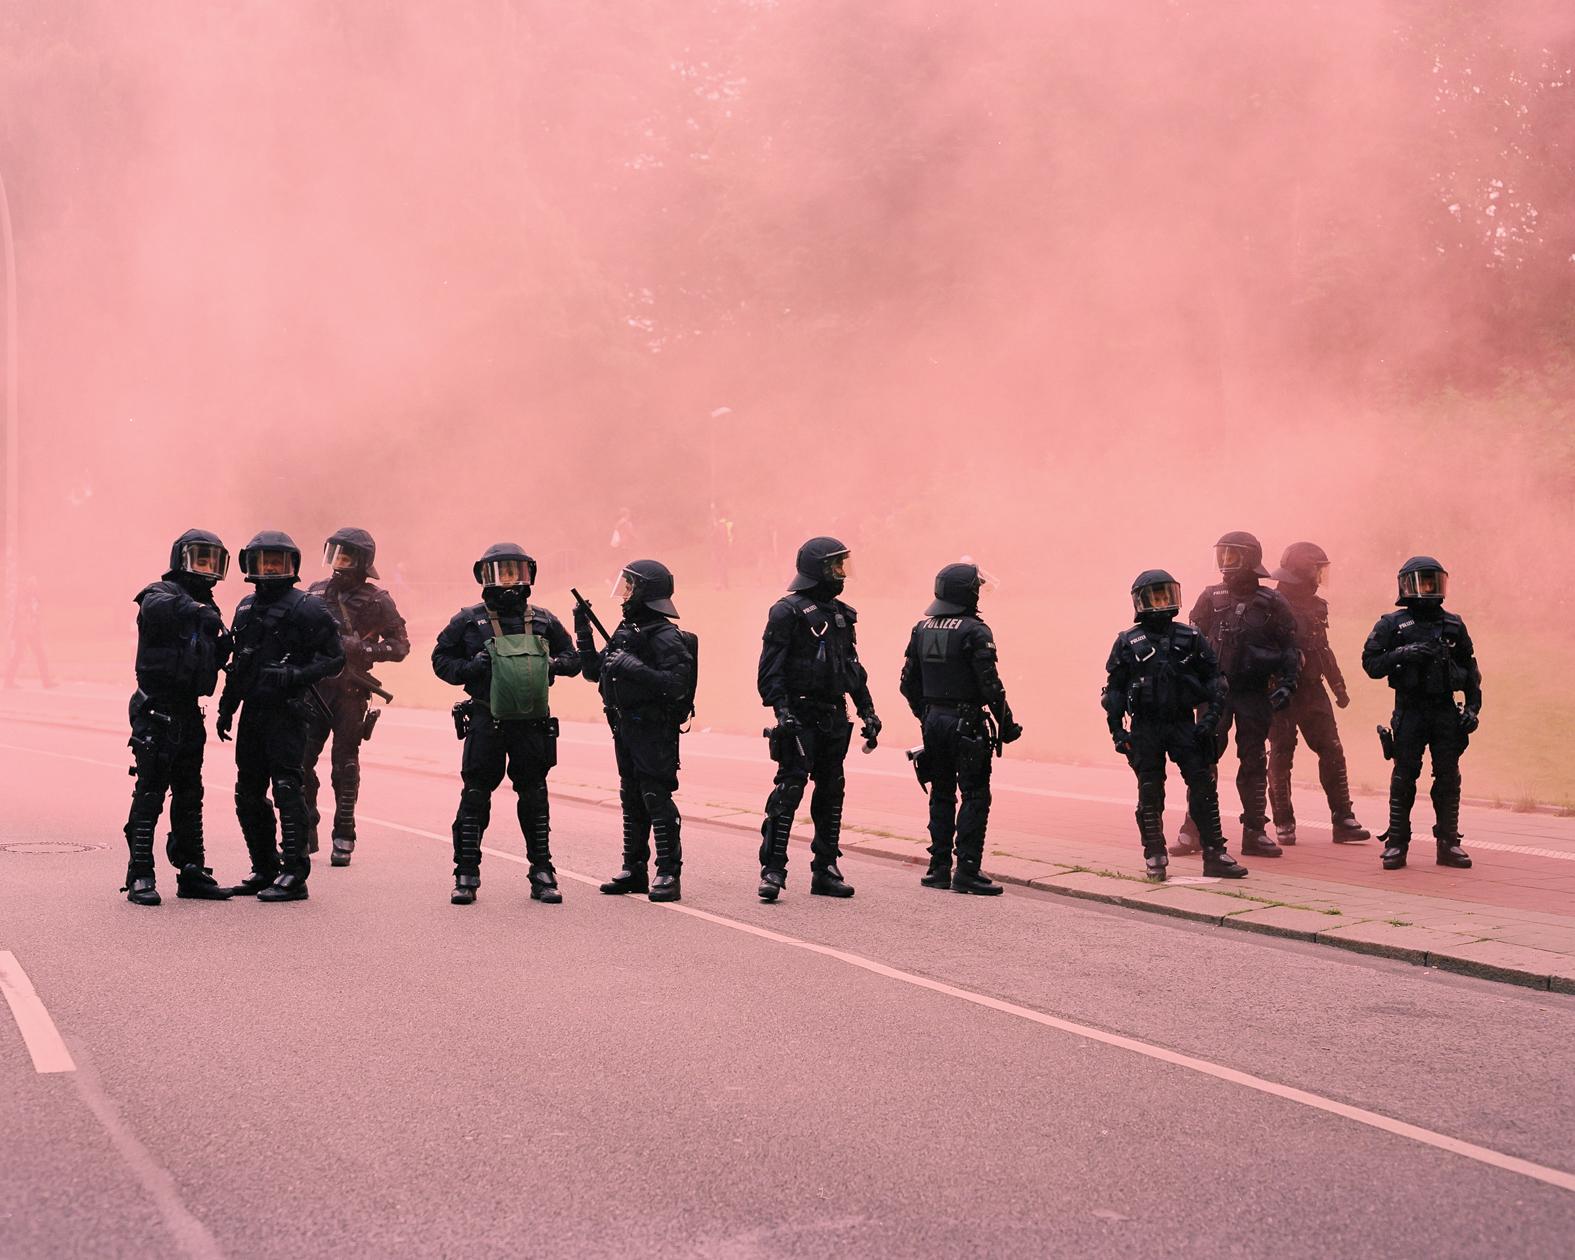 Mit der Cop Map protestieren die Polizeiklasse und das Peng!-Kollektiv gegen das Polizeiaufgabengesetz.